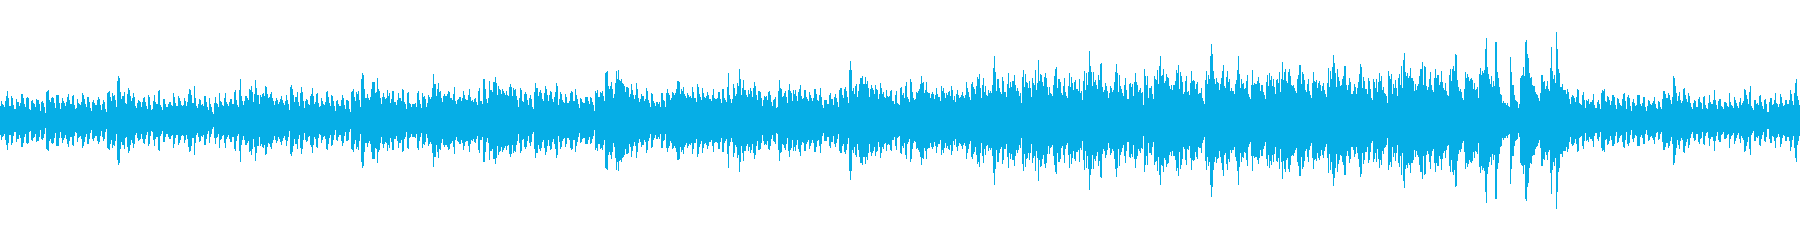 異国/幻想的/森/霧/BGMの再生済みの波形